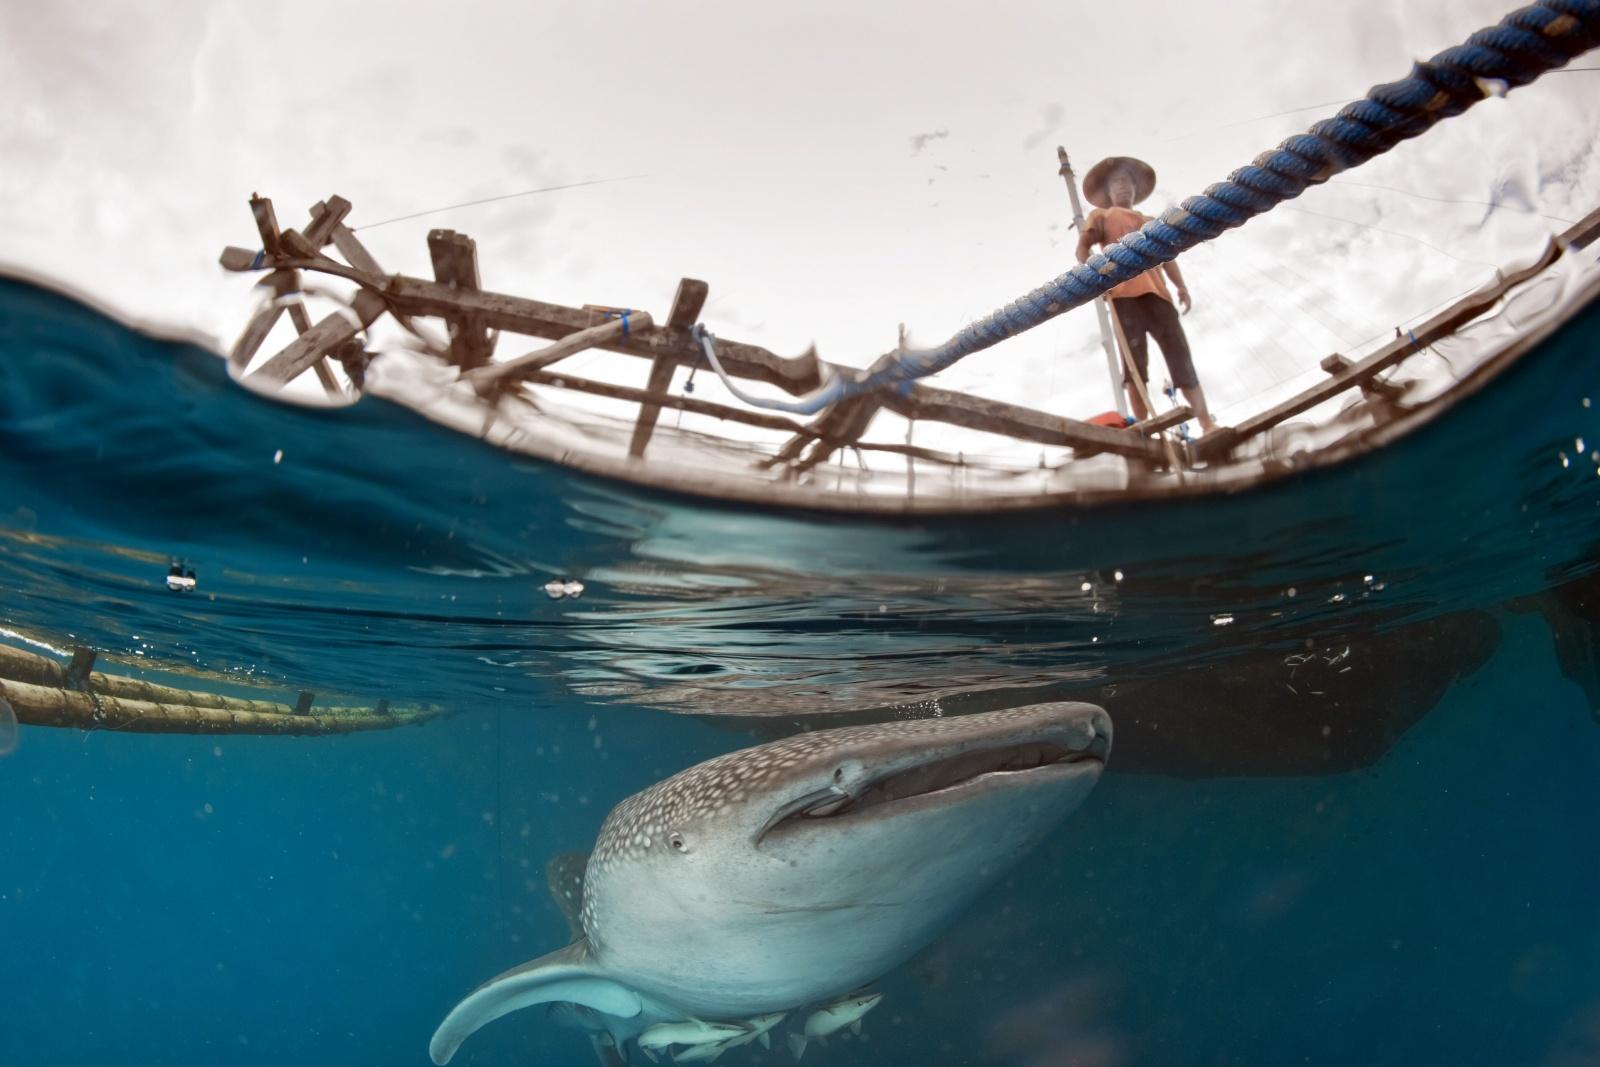 Uomini e squali - Gli squali balena volteggiano sotto una piattaforma di pescatori in cerca di gustosi pesciolini, una giusta variazione alla dieta a base di plancton. Foto Finalista al concorso internazionale Travel Photographer of The Year 2012 nella categoria One Shot - Water